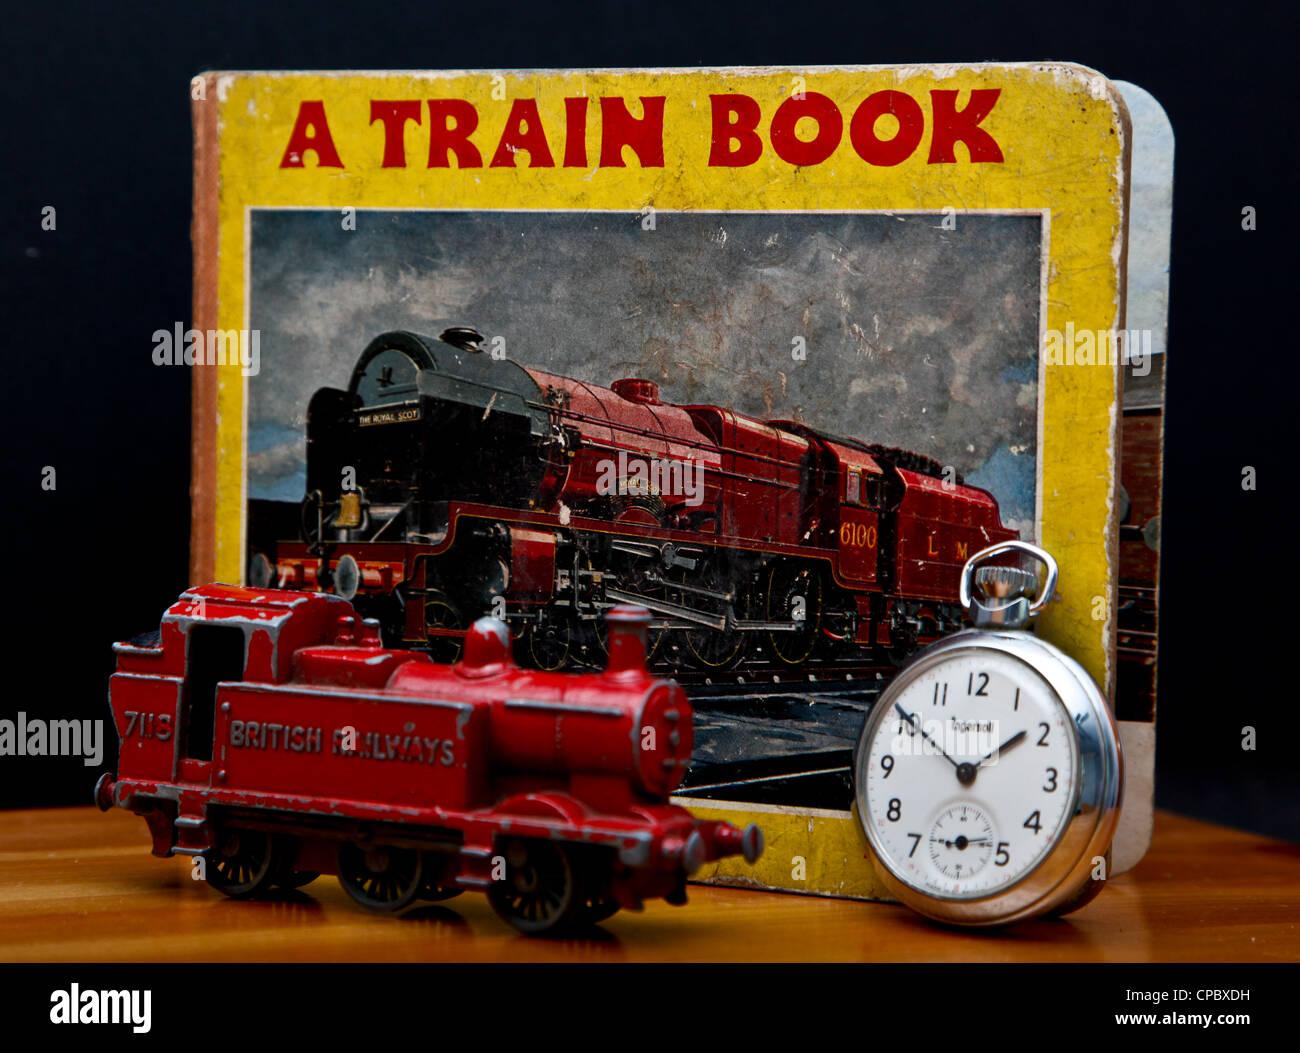 Un vieux livre de l'enfant sur les trains avec un petit train et montre de poche devant. Concept de trains circulant Photo Stock